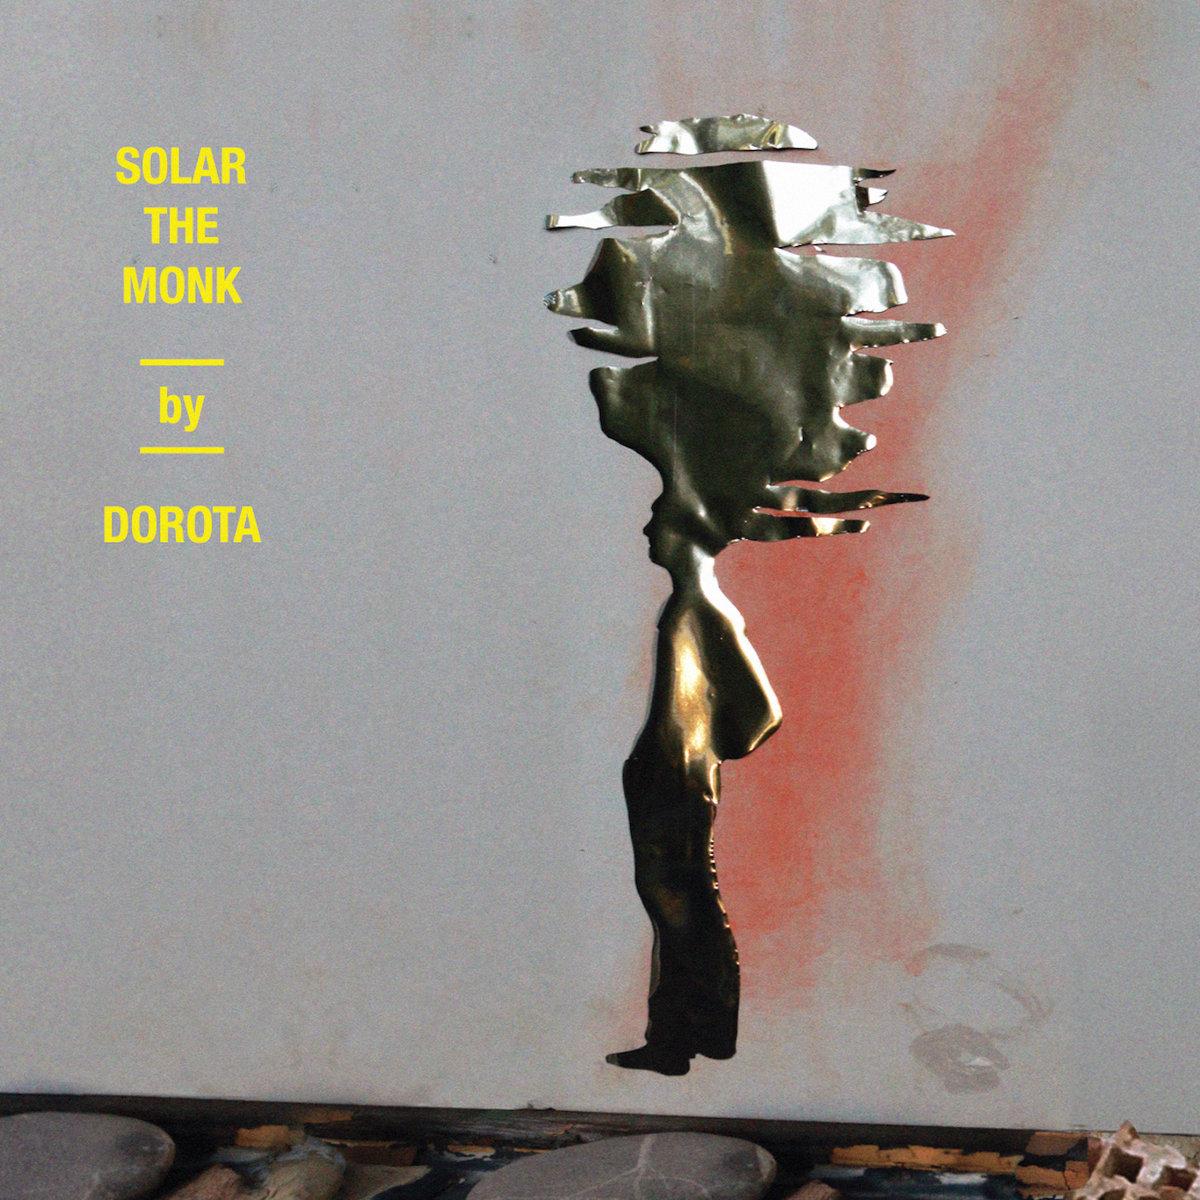 dorota_solar_the_monk.jpg